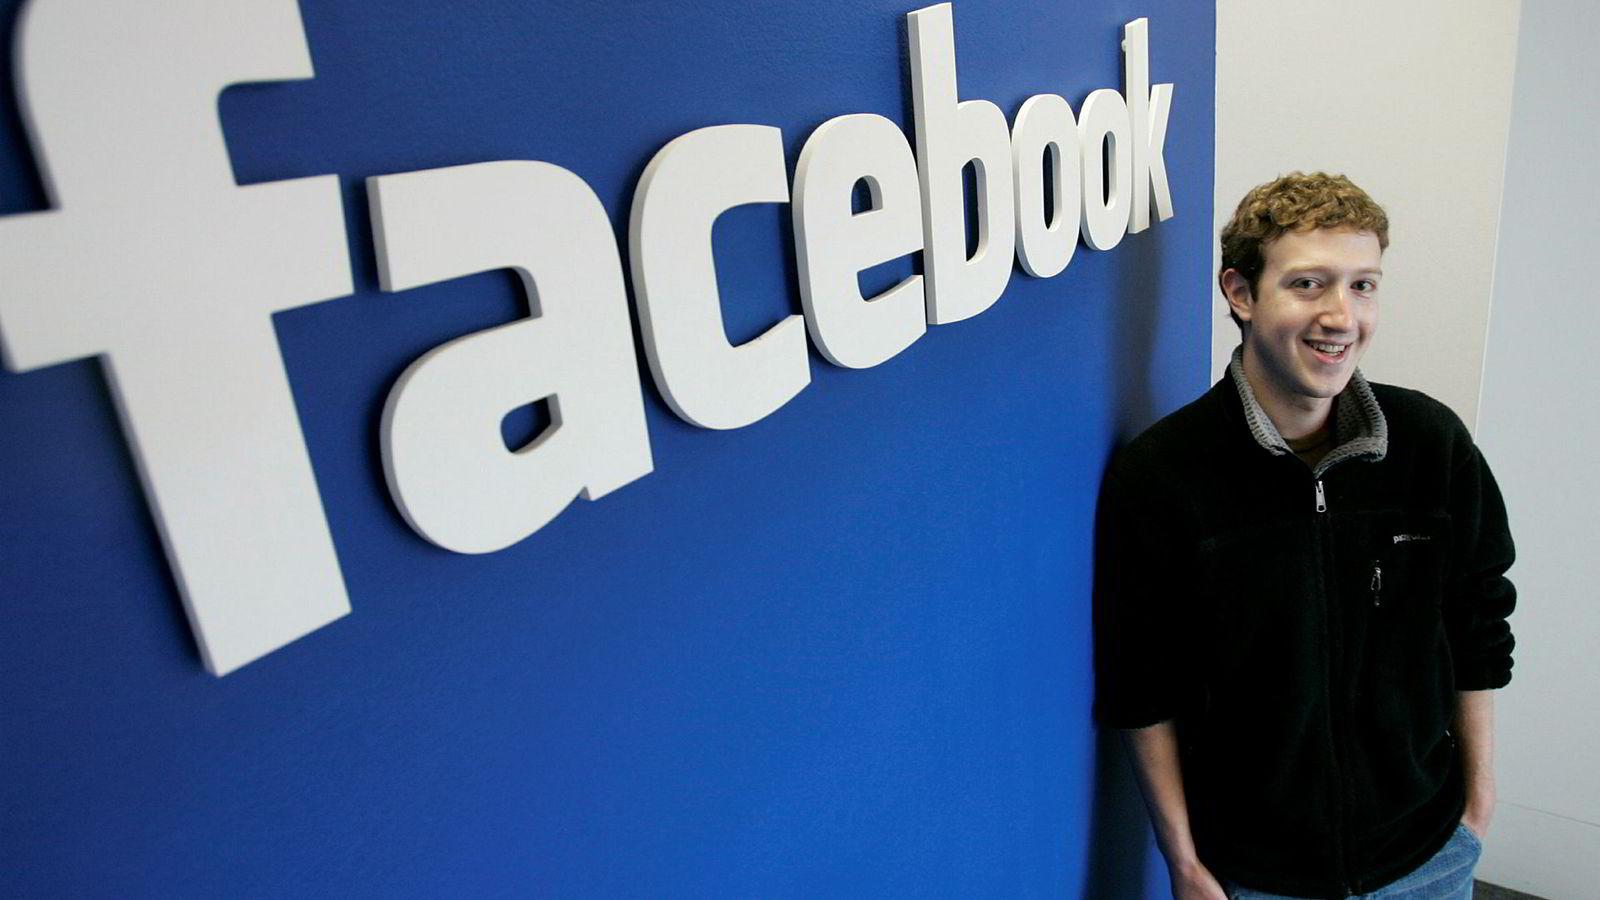 Mandag fyller Facebook 15 år. Her er grunnlegger Mark Zuckerberg med firmalogoen ved kontorene i Palo Alto i California i 2007.